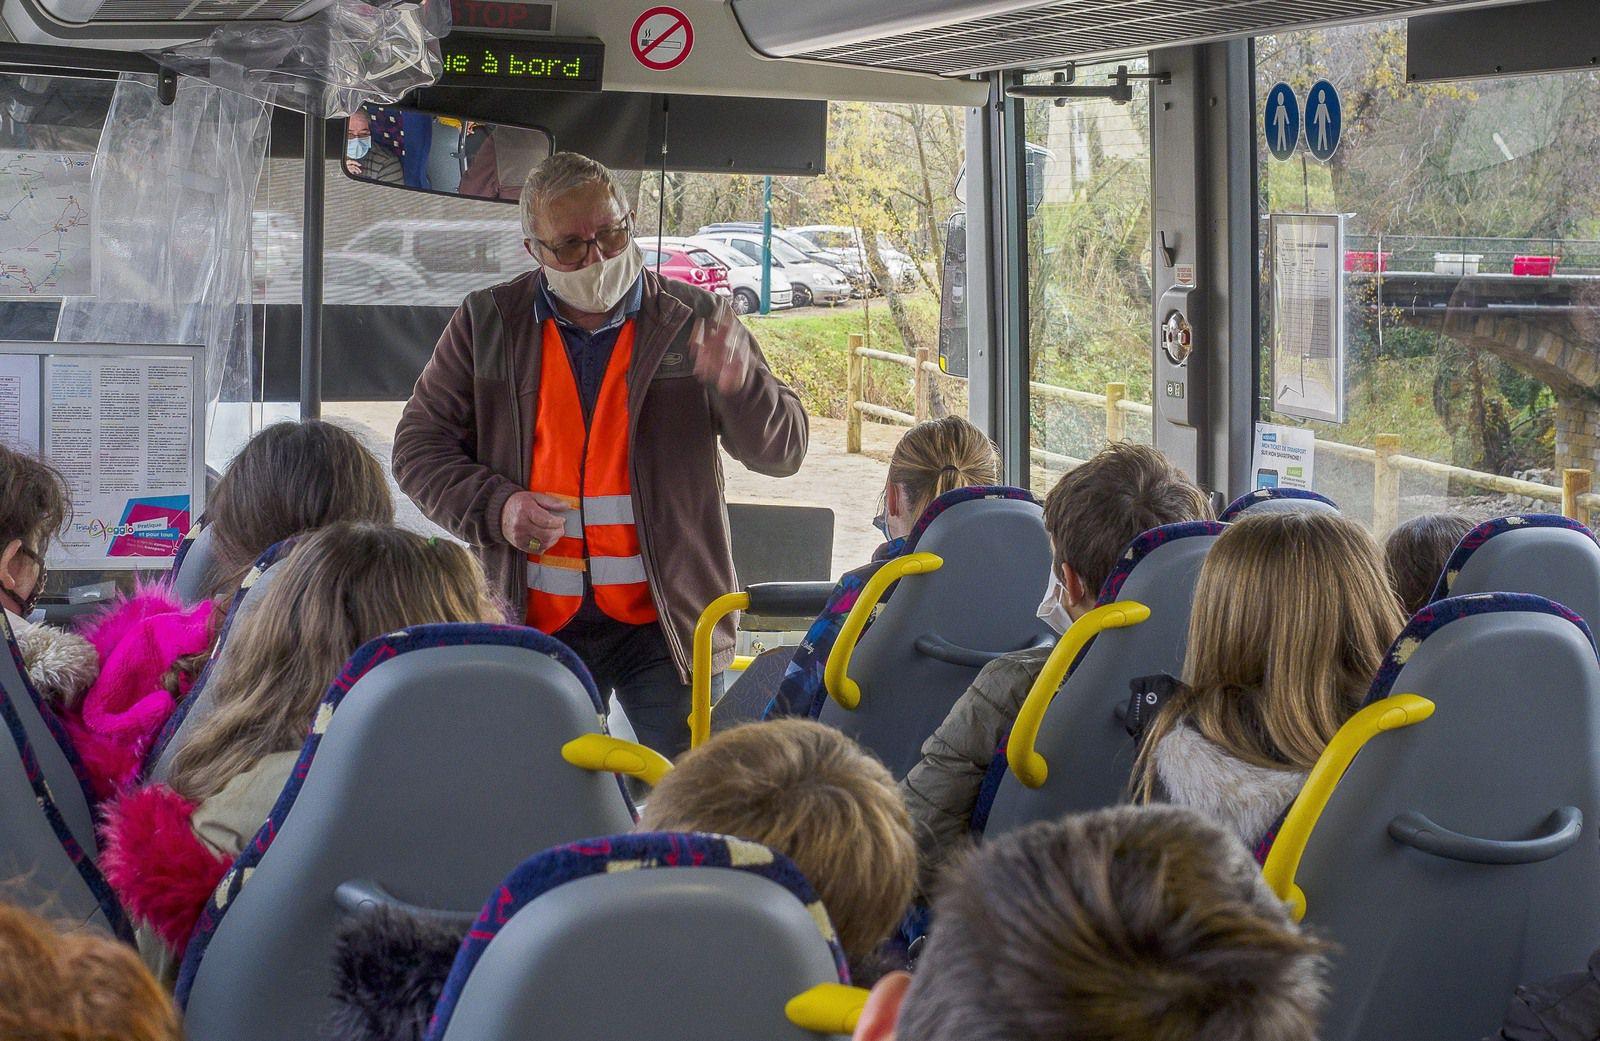 GRAMBOIS  ; Deux gramboisiens expliquent la sécurité dans les cars scolaires aux collégiens